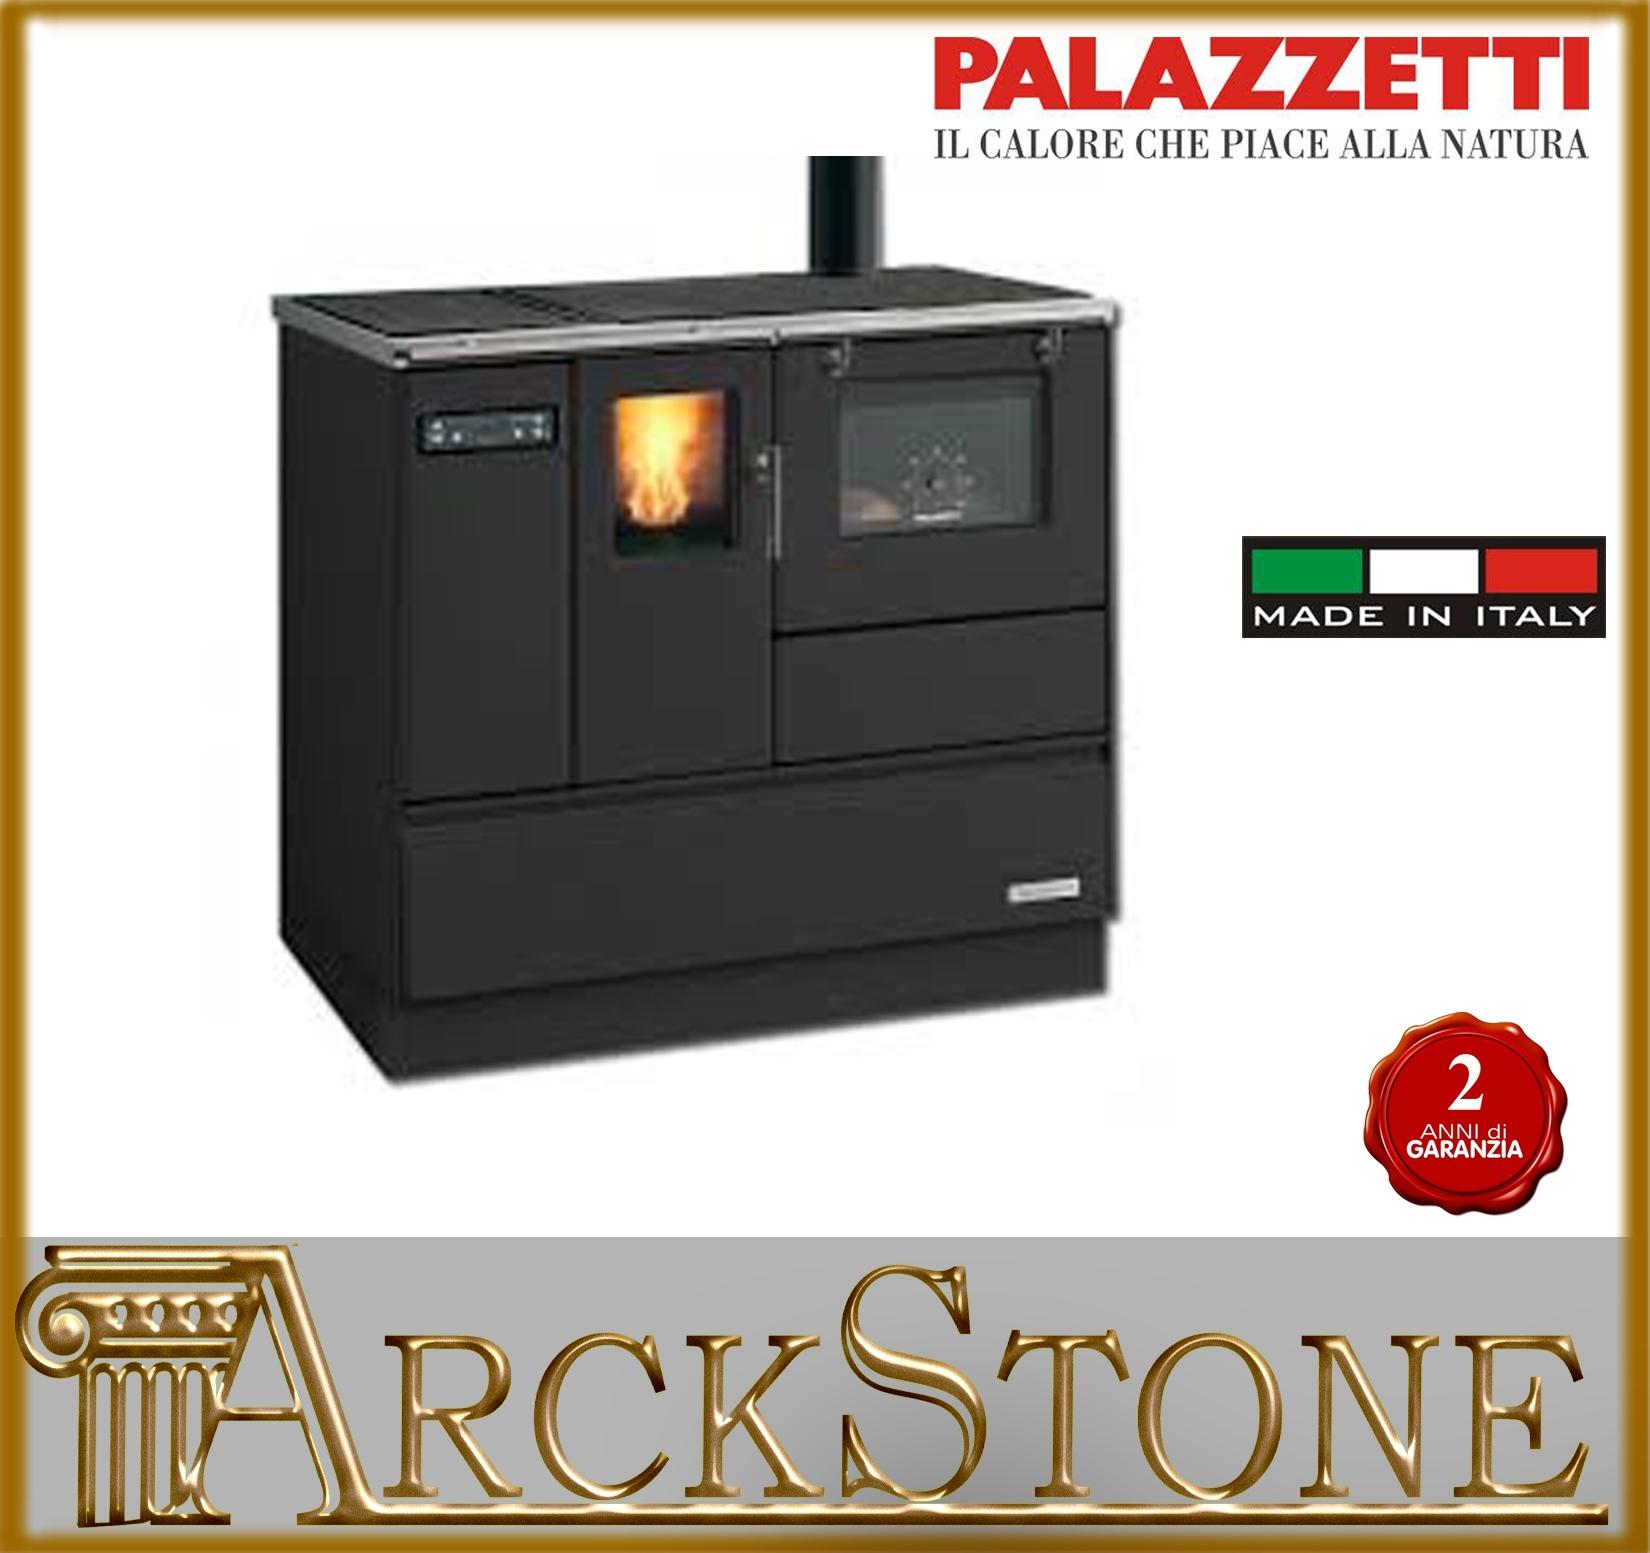 Arckstone stufa cucin pellet ecofire palazzetti ornella avorio canna fucil 8 2kw ebay - Cucine a legna palazzetti ...